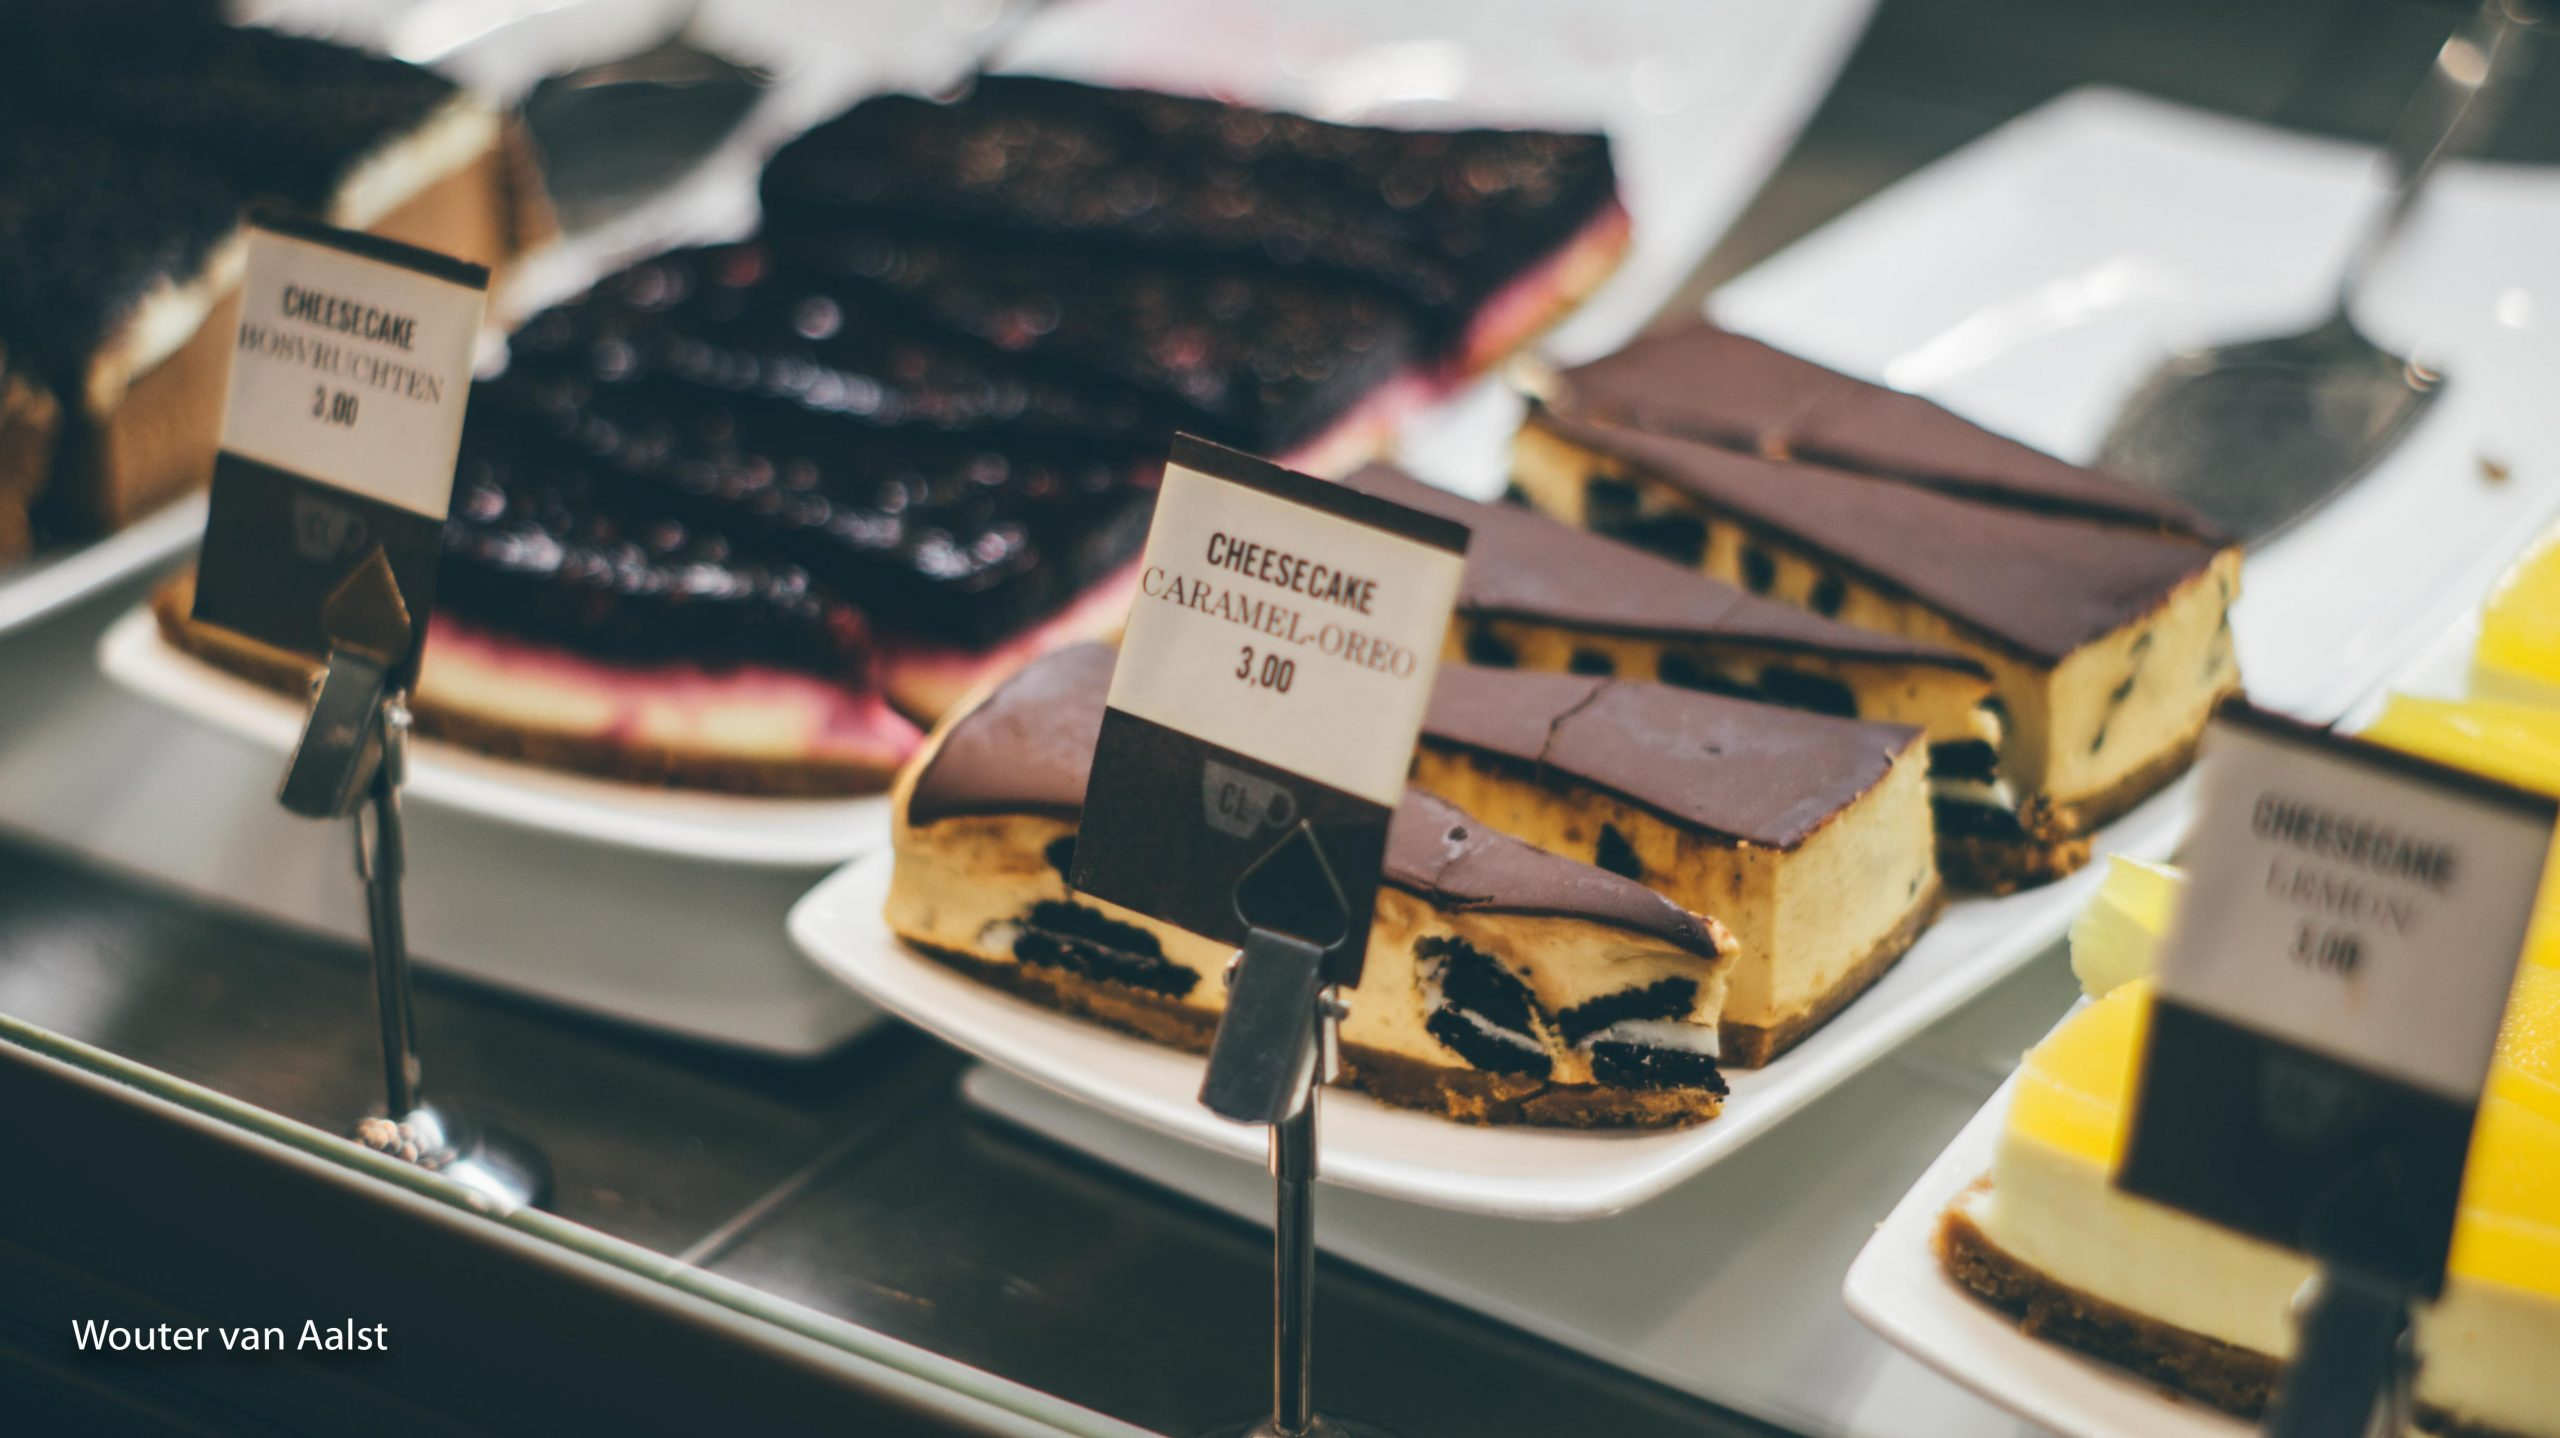 coffeelovers, nijmegen, cheesecake, wouter van aalst, personal trainer, foodhotspot, blog, cheatday